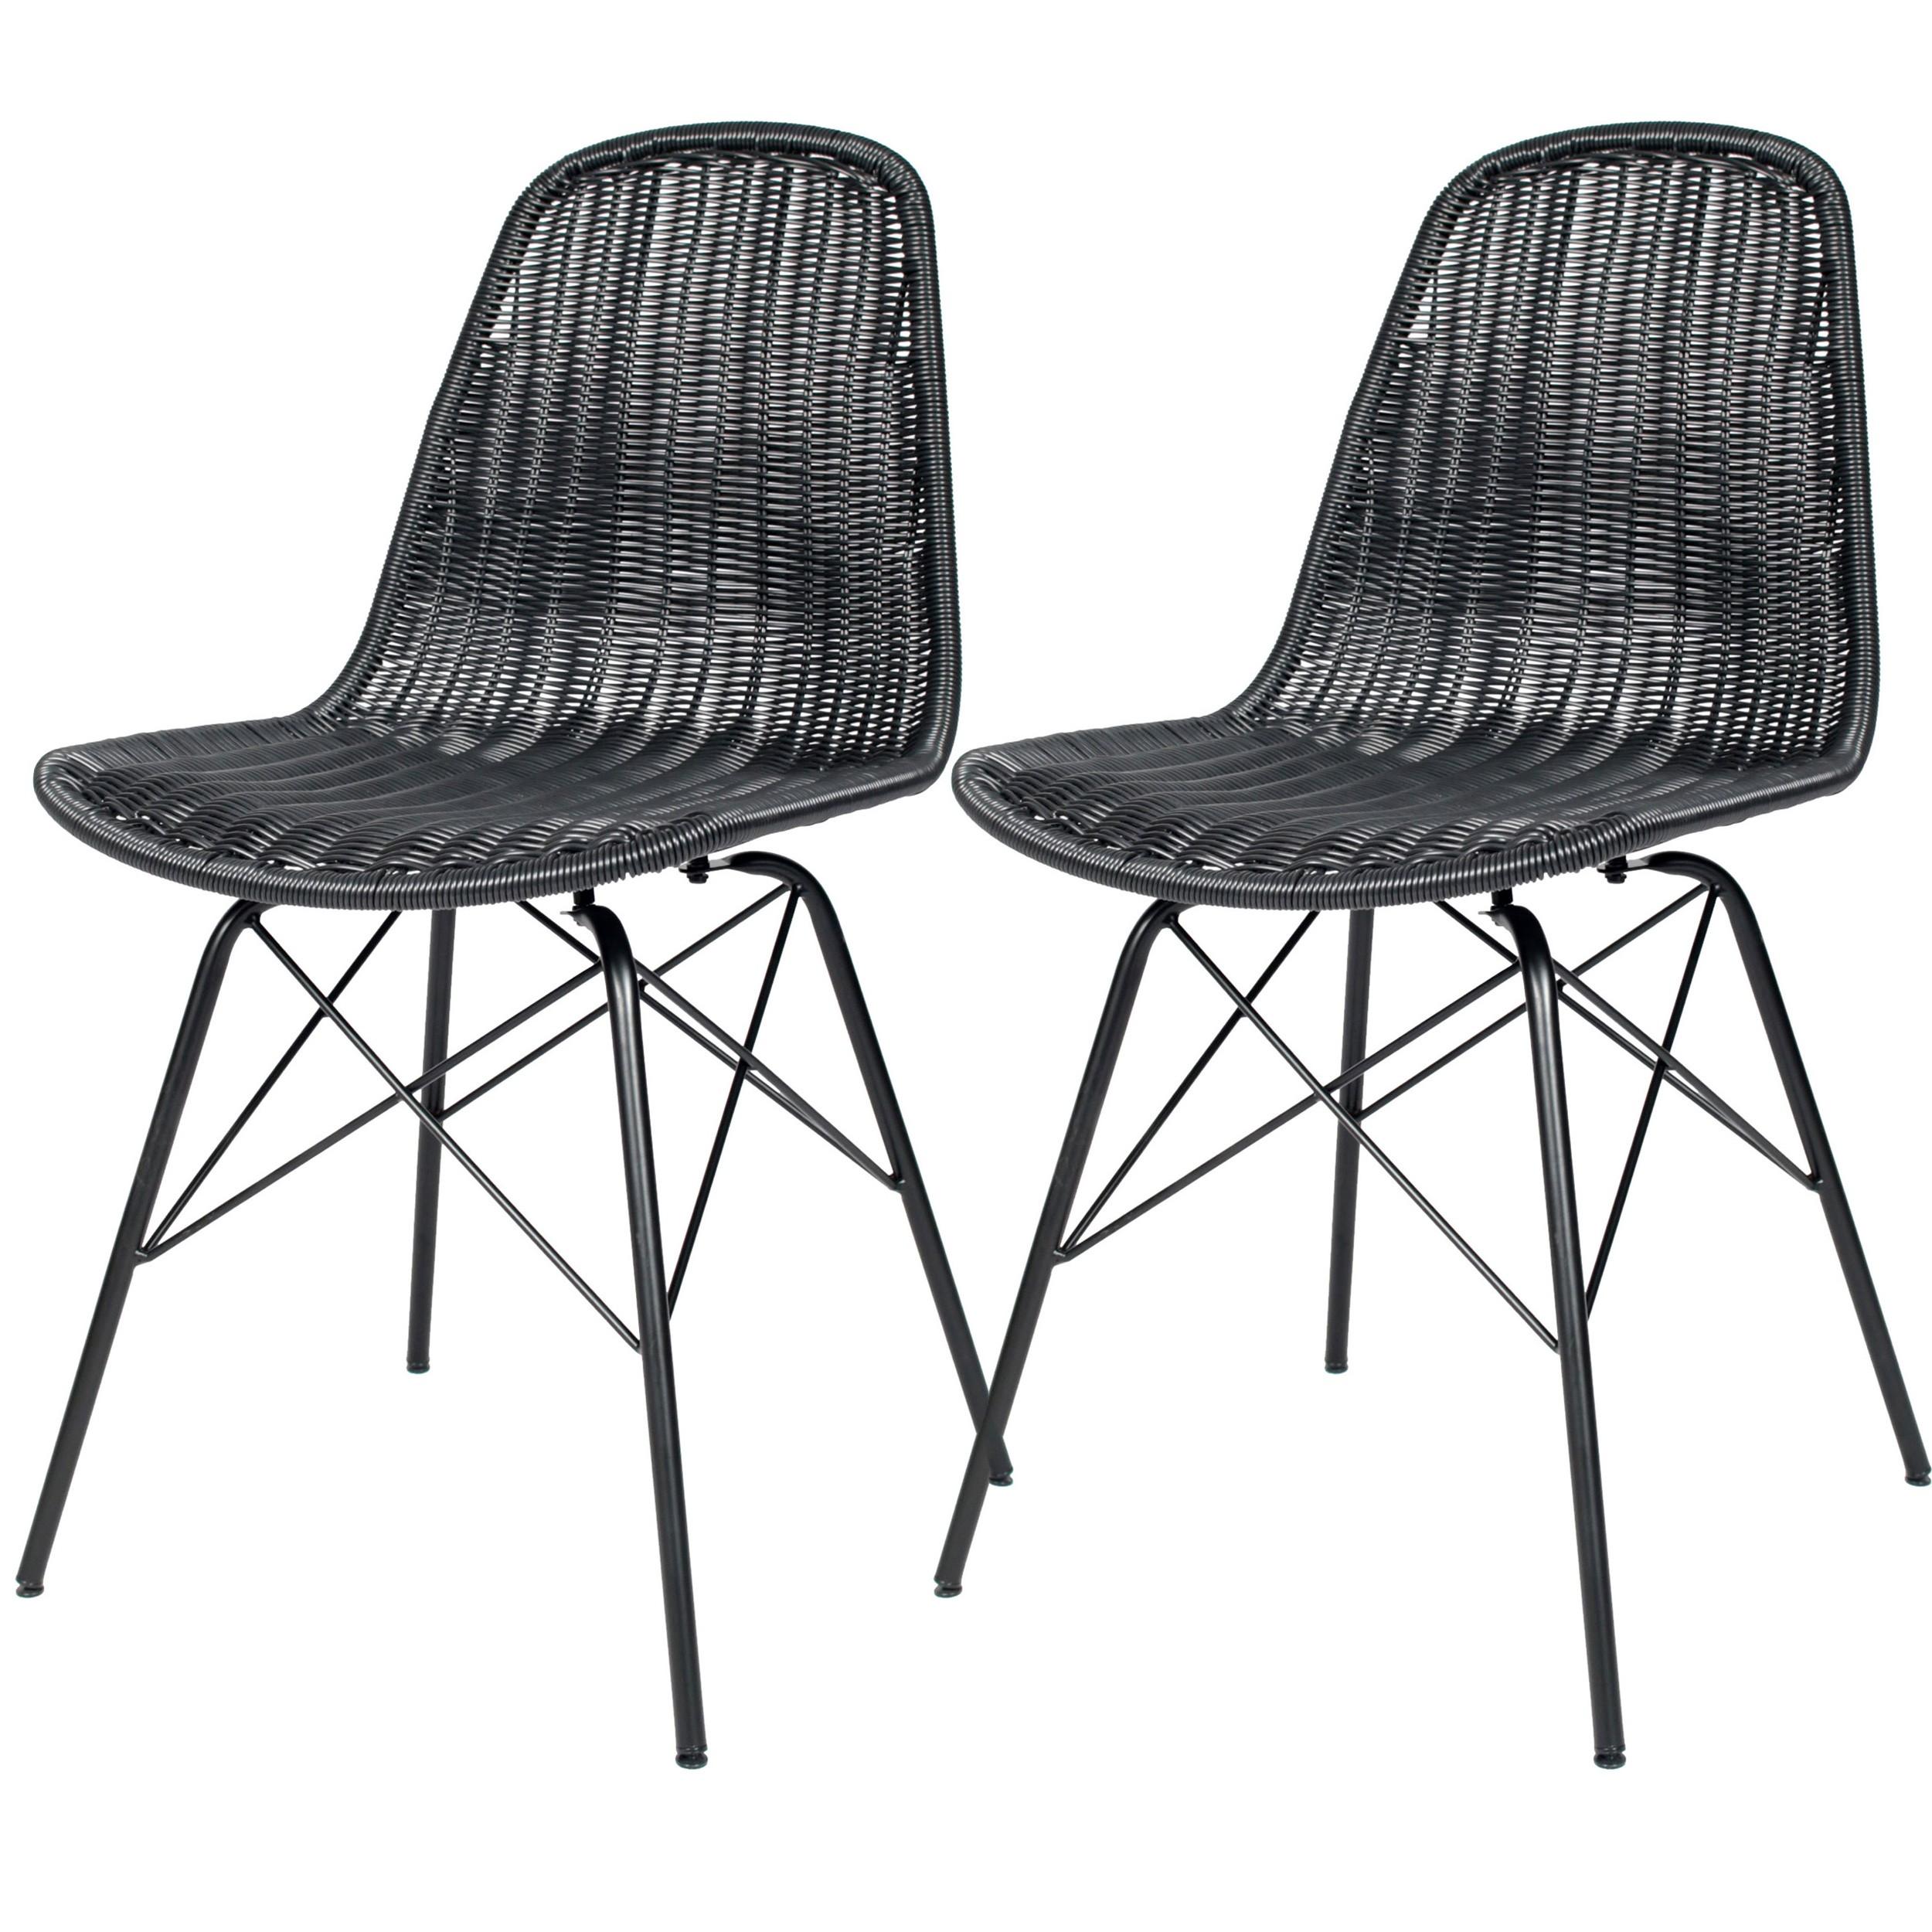 chaise tiptur en r sine tress e noire lot de 2. Black Bedroom Furniture Sets. Home Design Ideas